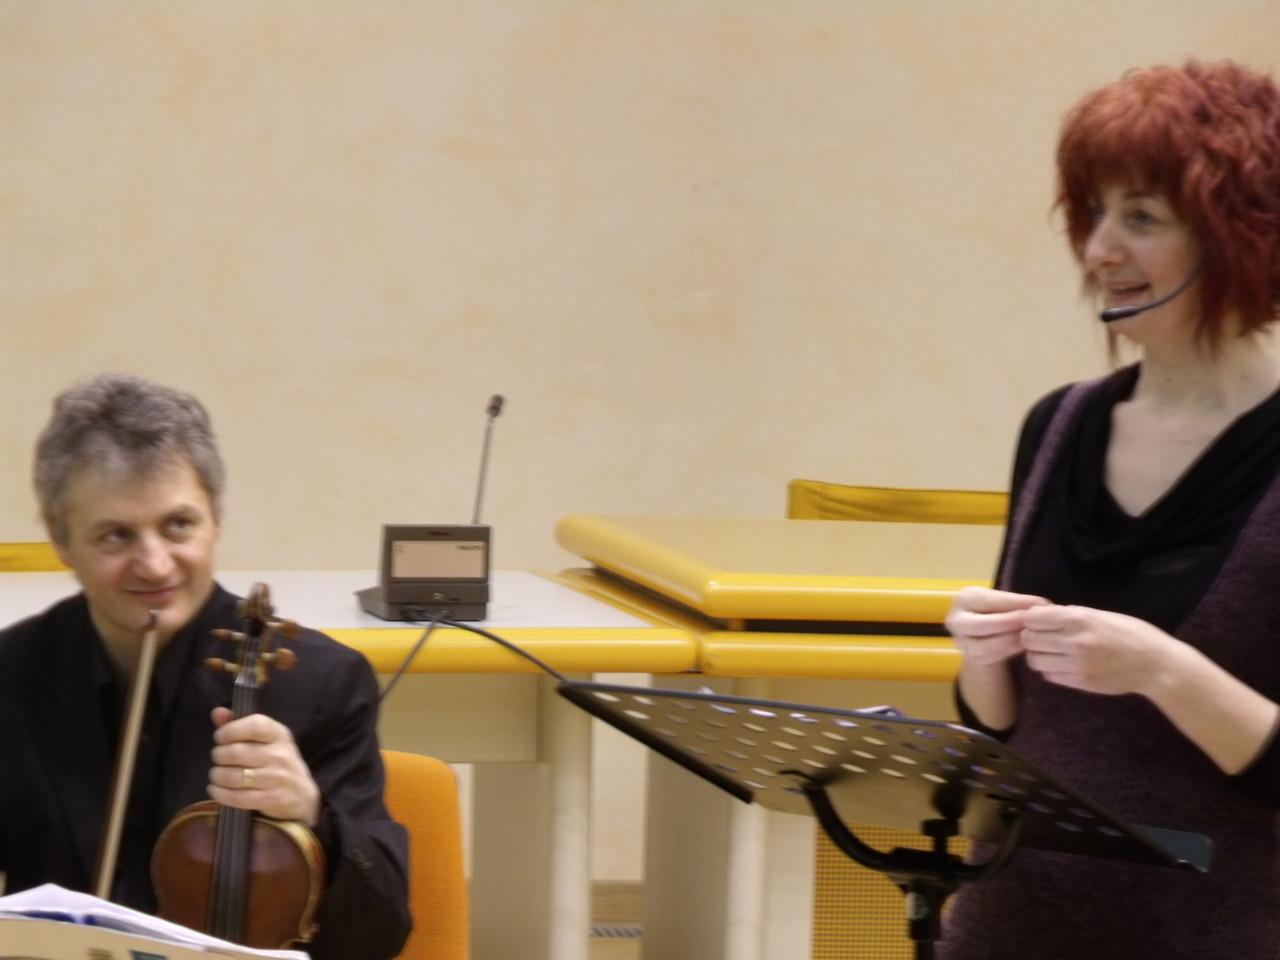 Il violino di Ettore Begnis colora le parole e i sorrisi di chi ascolta.